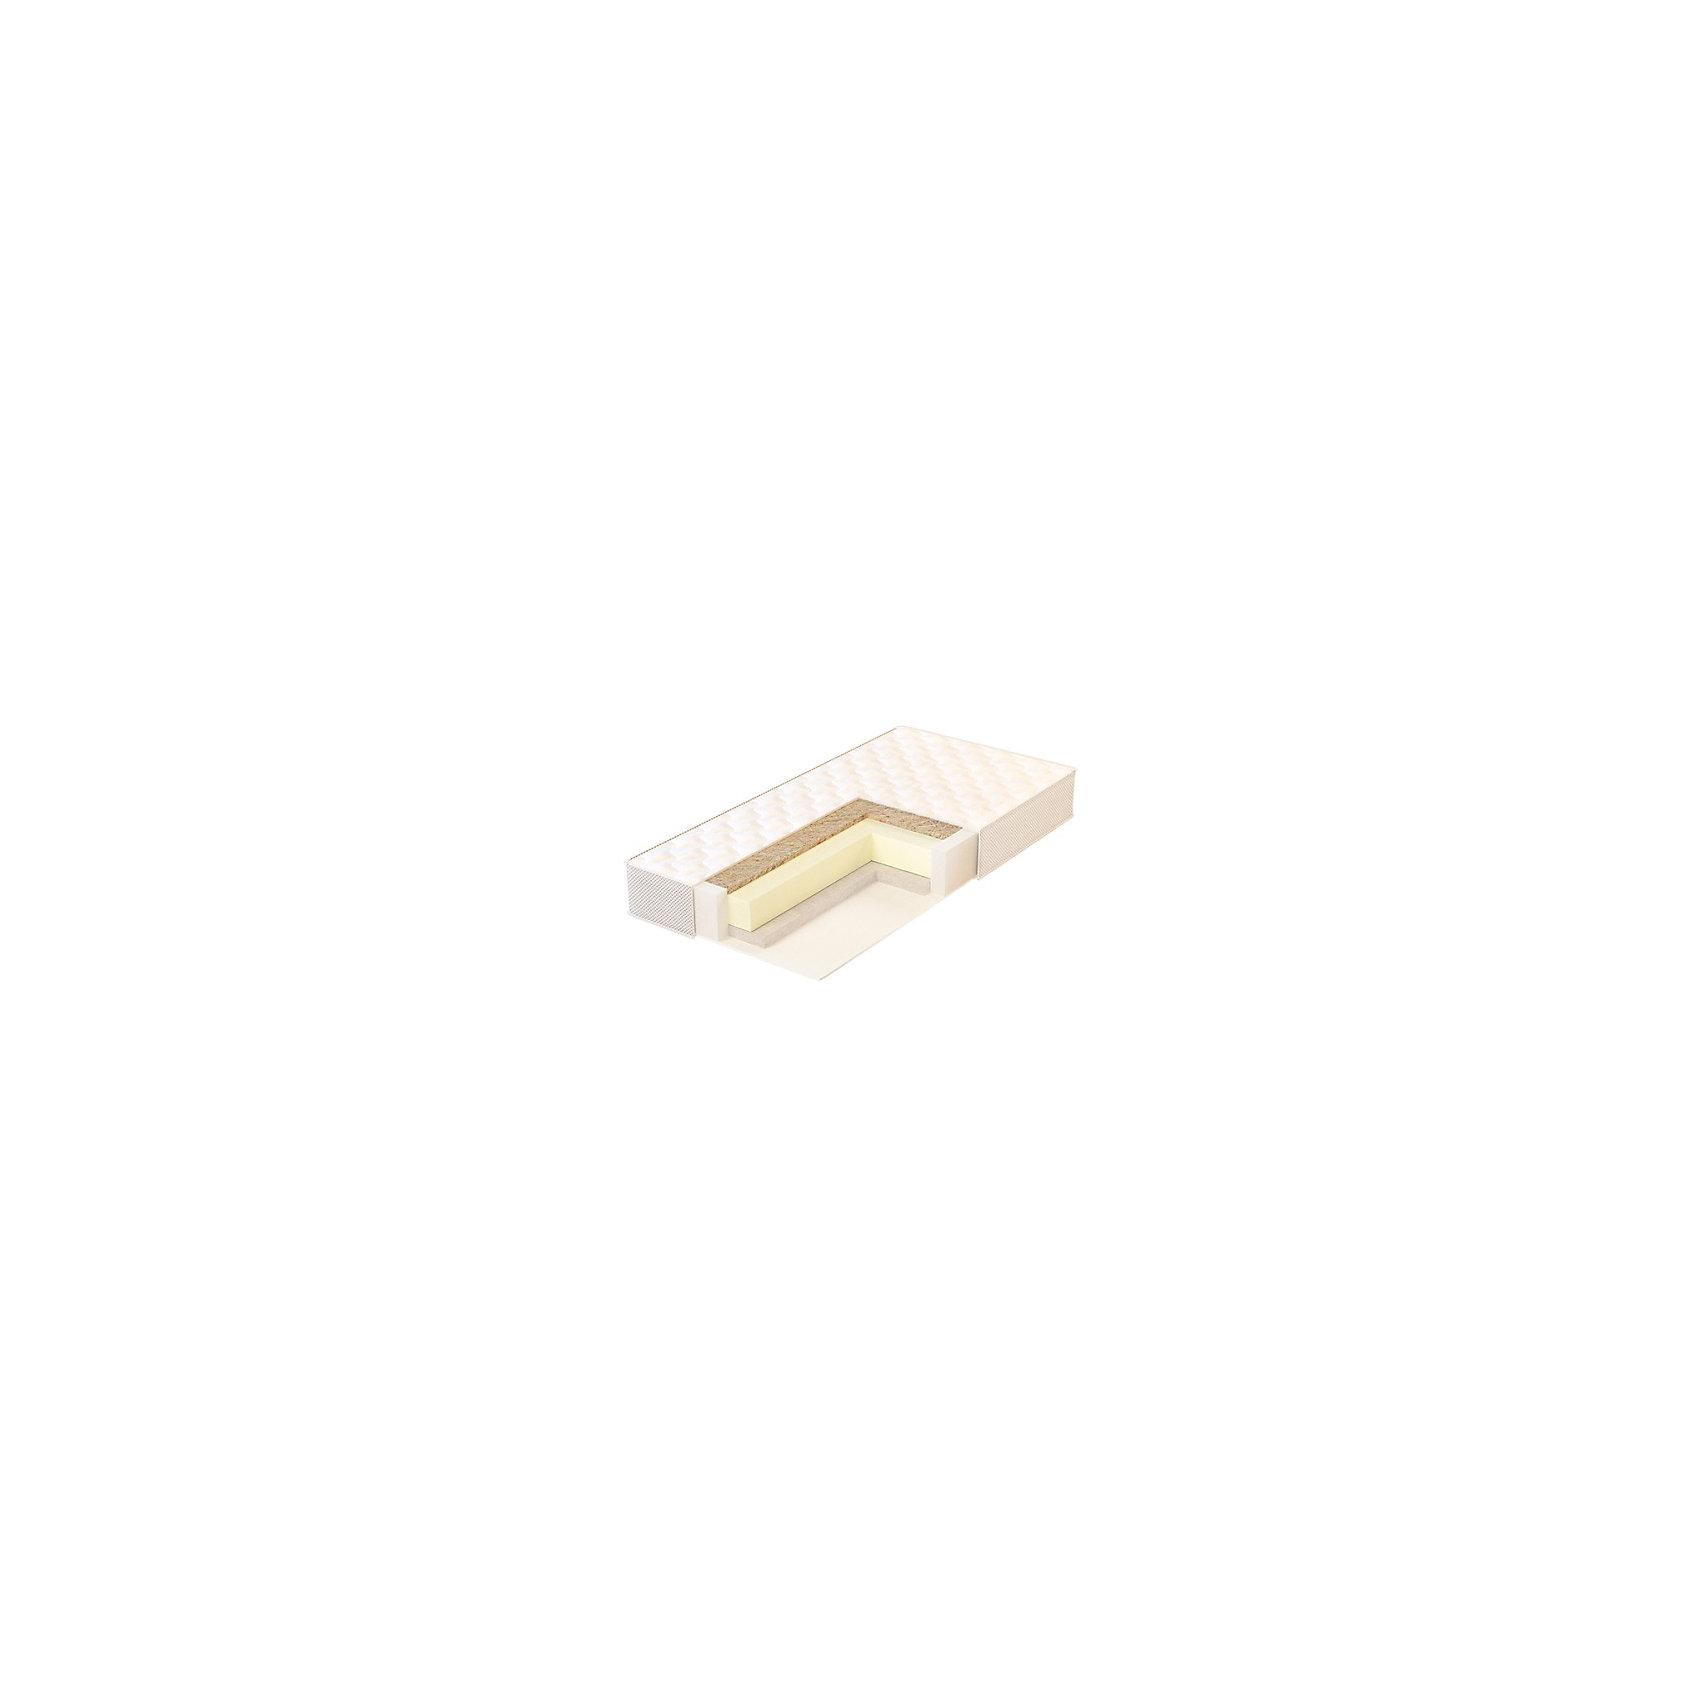 Матрац EcoSleep, Plantex, 1190х600х110 ммМатрасы<br>EcoSleep, Plintex – детский матрас, изготовленный из экологически чистых материалов, имеющий двухстороннюю жесткость.  Более жесткая сторона с настилом из сизаля, имеет ортопедические свойства, устойчива к влажности. Мягкая сторона с настилом из материала Hollcon-Шерсть поможет сохранить сухость и тепло за счет впитывания влаги. Чехол матраса выполнен из высококачественных тканей, позволяющих «дышать» внутренним наполнителям. Матрас упругий, гипоаллергеный и способен обеспечить вашему ребенку комфортный и здоровый сон.<br><br>Особенности и преимущества:<br>-две стороны матраса с разной жесткостью<br>-гипоаллергенный, долговечный материал,<br>-матрас можно использовать с рождения<br>-позволяет сформировать правильную осанку у малыша<br><br>Материалы:  тик, сизаль, airoflex, hollcon-шерсть<br>Размеры: 11x60x119<br>Вес: 3 кг<br> Приобрести матрас EcoSleep можно в нашем интернет-магазине.<br><br>Ширина мм: 1190<br>Глубина мм: 600<br>Высота мм: 110<br>Вес г: 3000<br>Возраст от месяцев: 0<br>Возраст до месяцев: 36<br>Пол: Унисекс<br>Возраст: Детский<br>SKU: 4905316